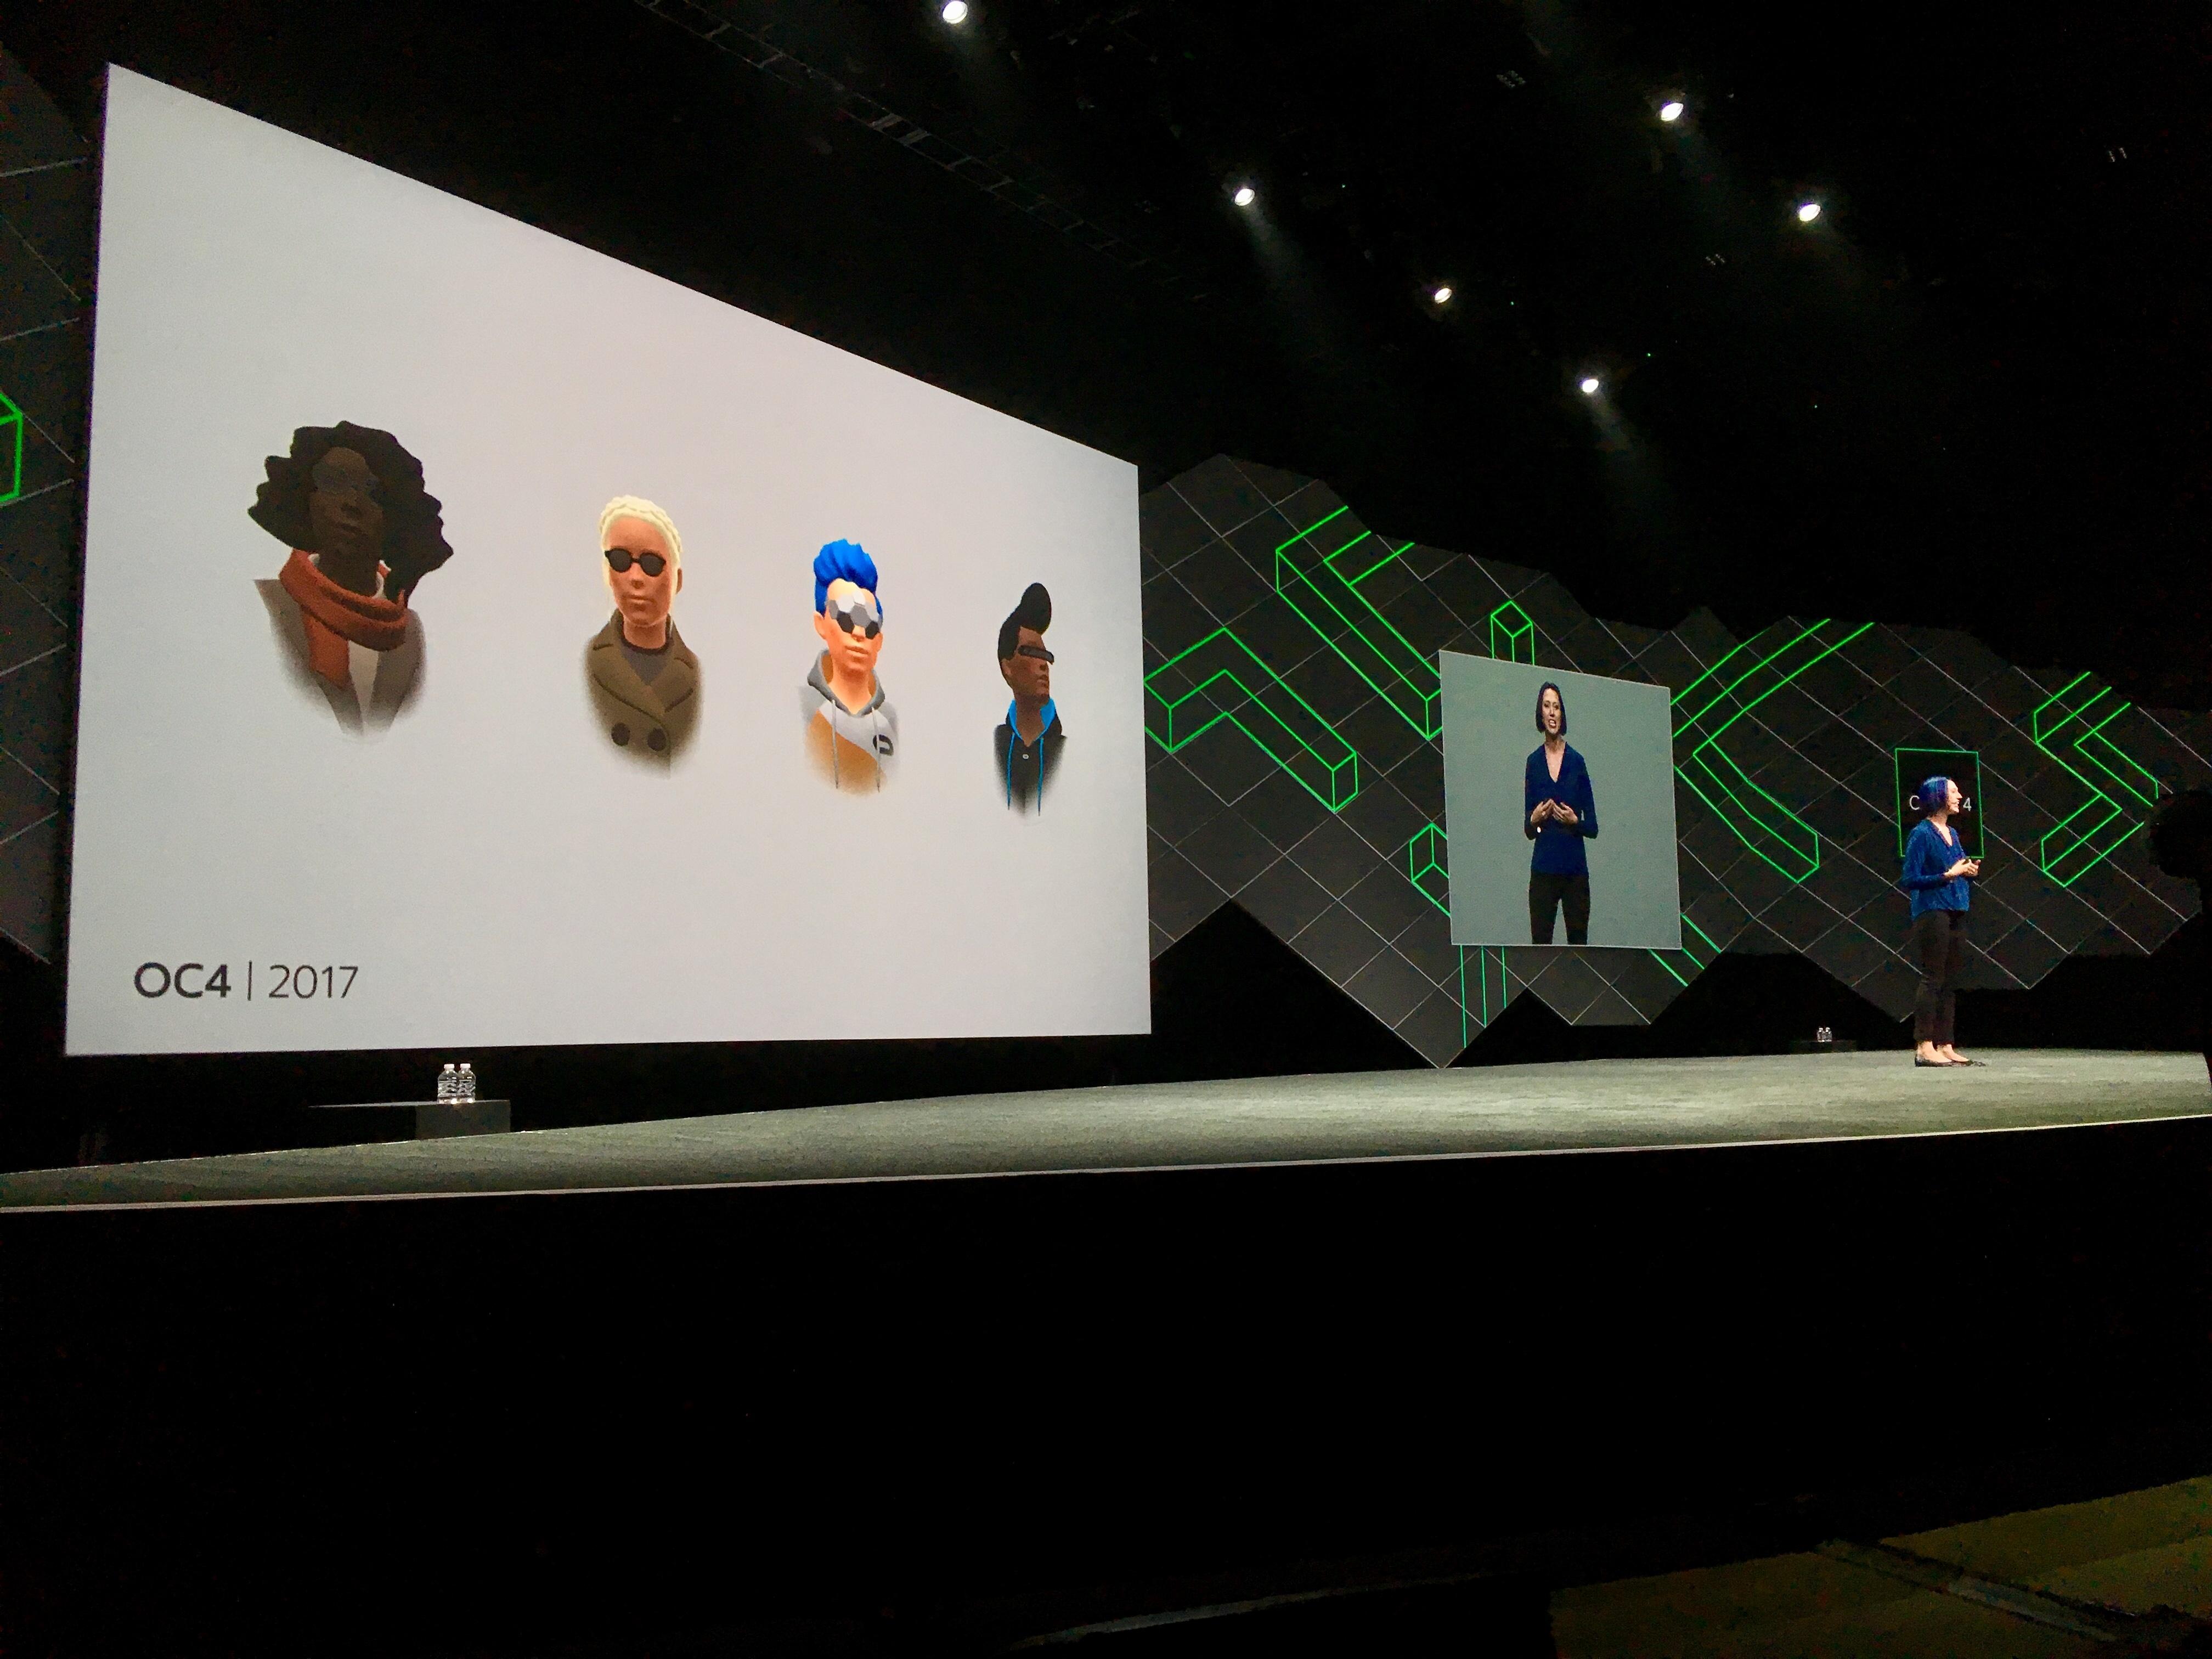 FullSizeRender-1-1.jpg  Live From Mark Zuckerberg's #OculusConnect Keynote FullSizeRender 1 1